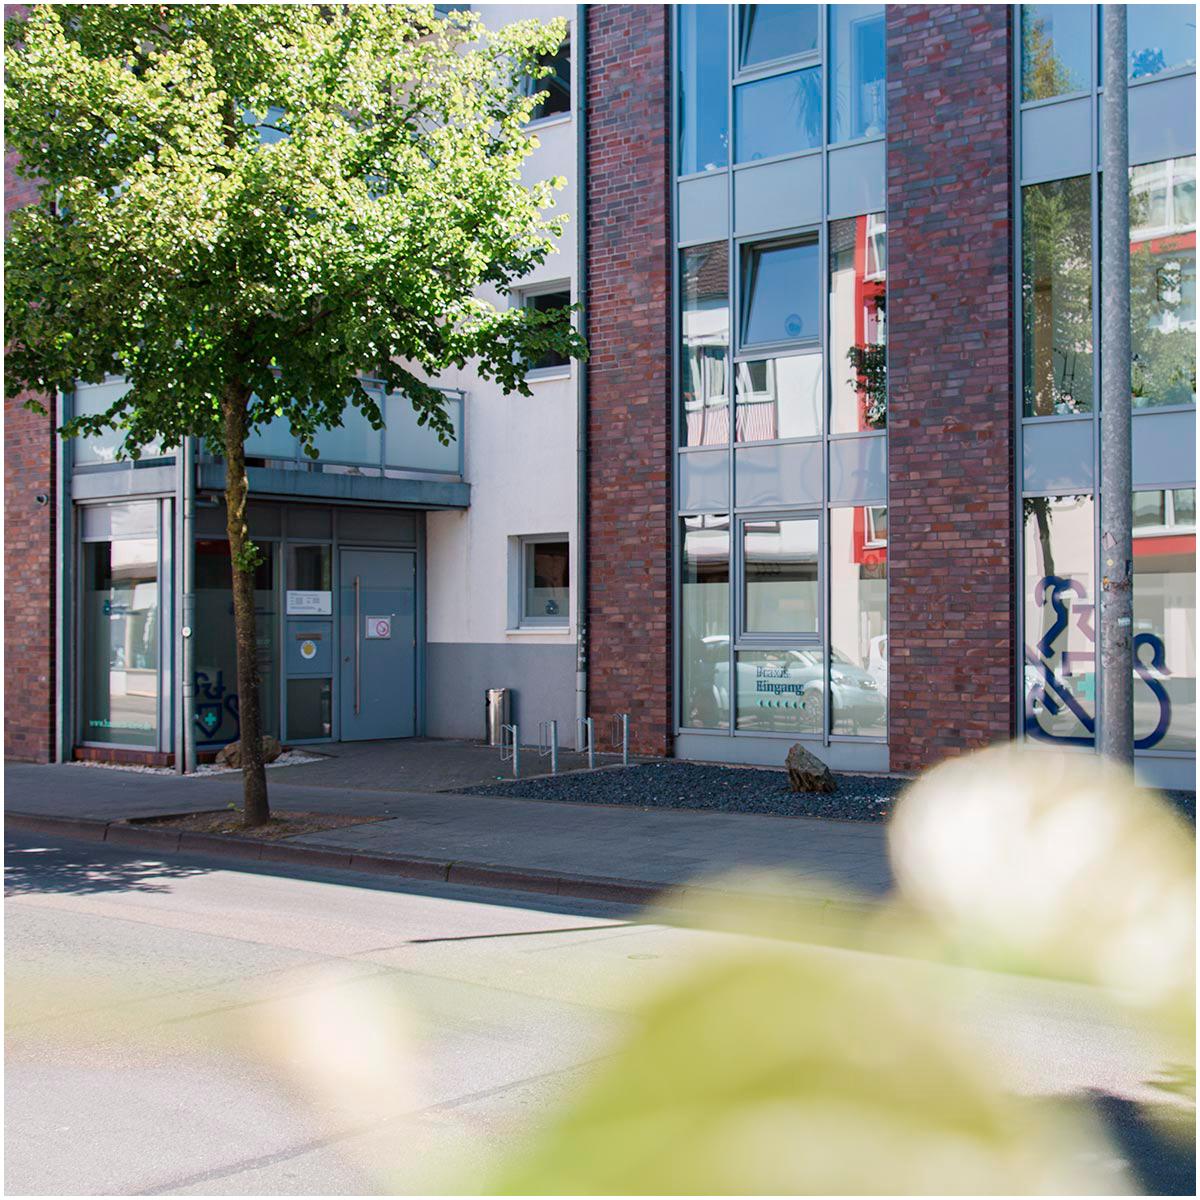 Lohengrin Hausarztpraxis in Kleve